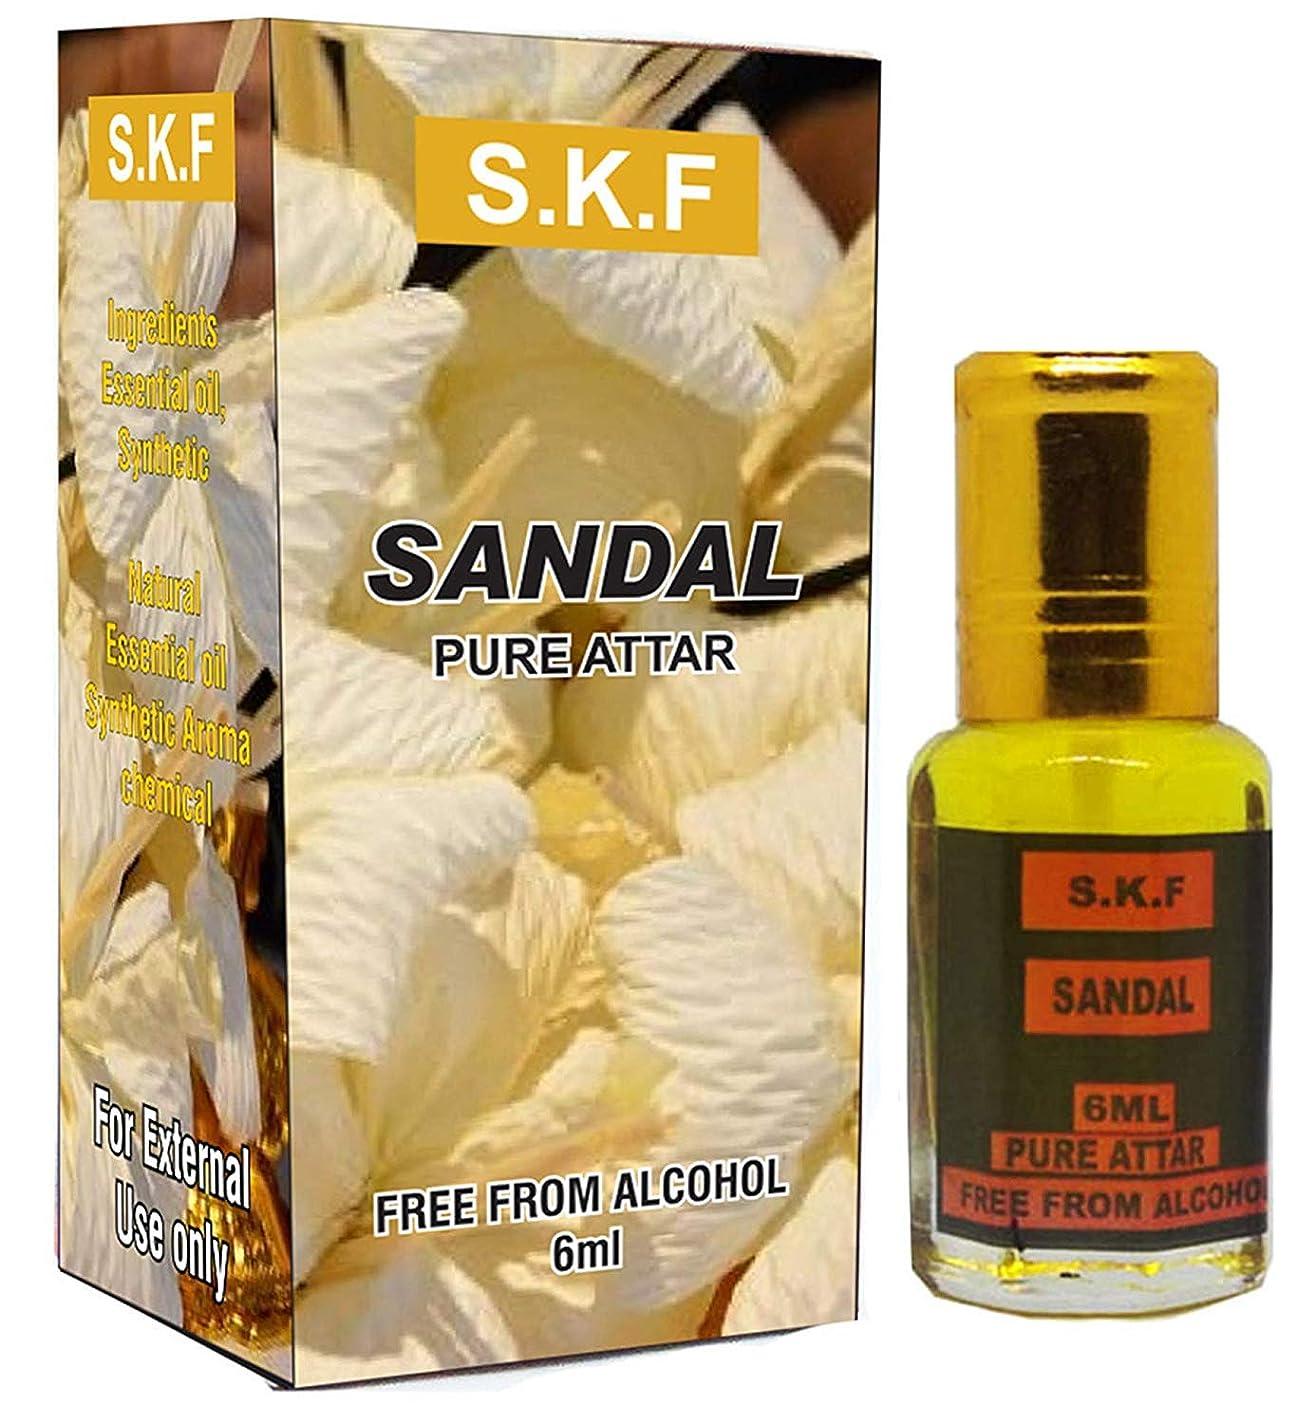 壁紙立ち向かうアクセシブルFragrancessサンダル6mlの上を転がる純粋なアター濃縮香油|アターITRA最高品質の香水はアターを持続長いスプレー